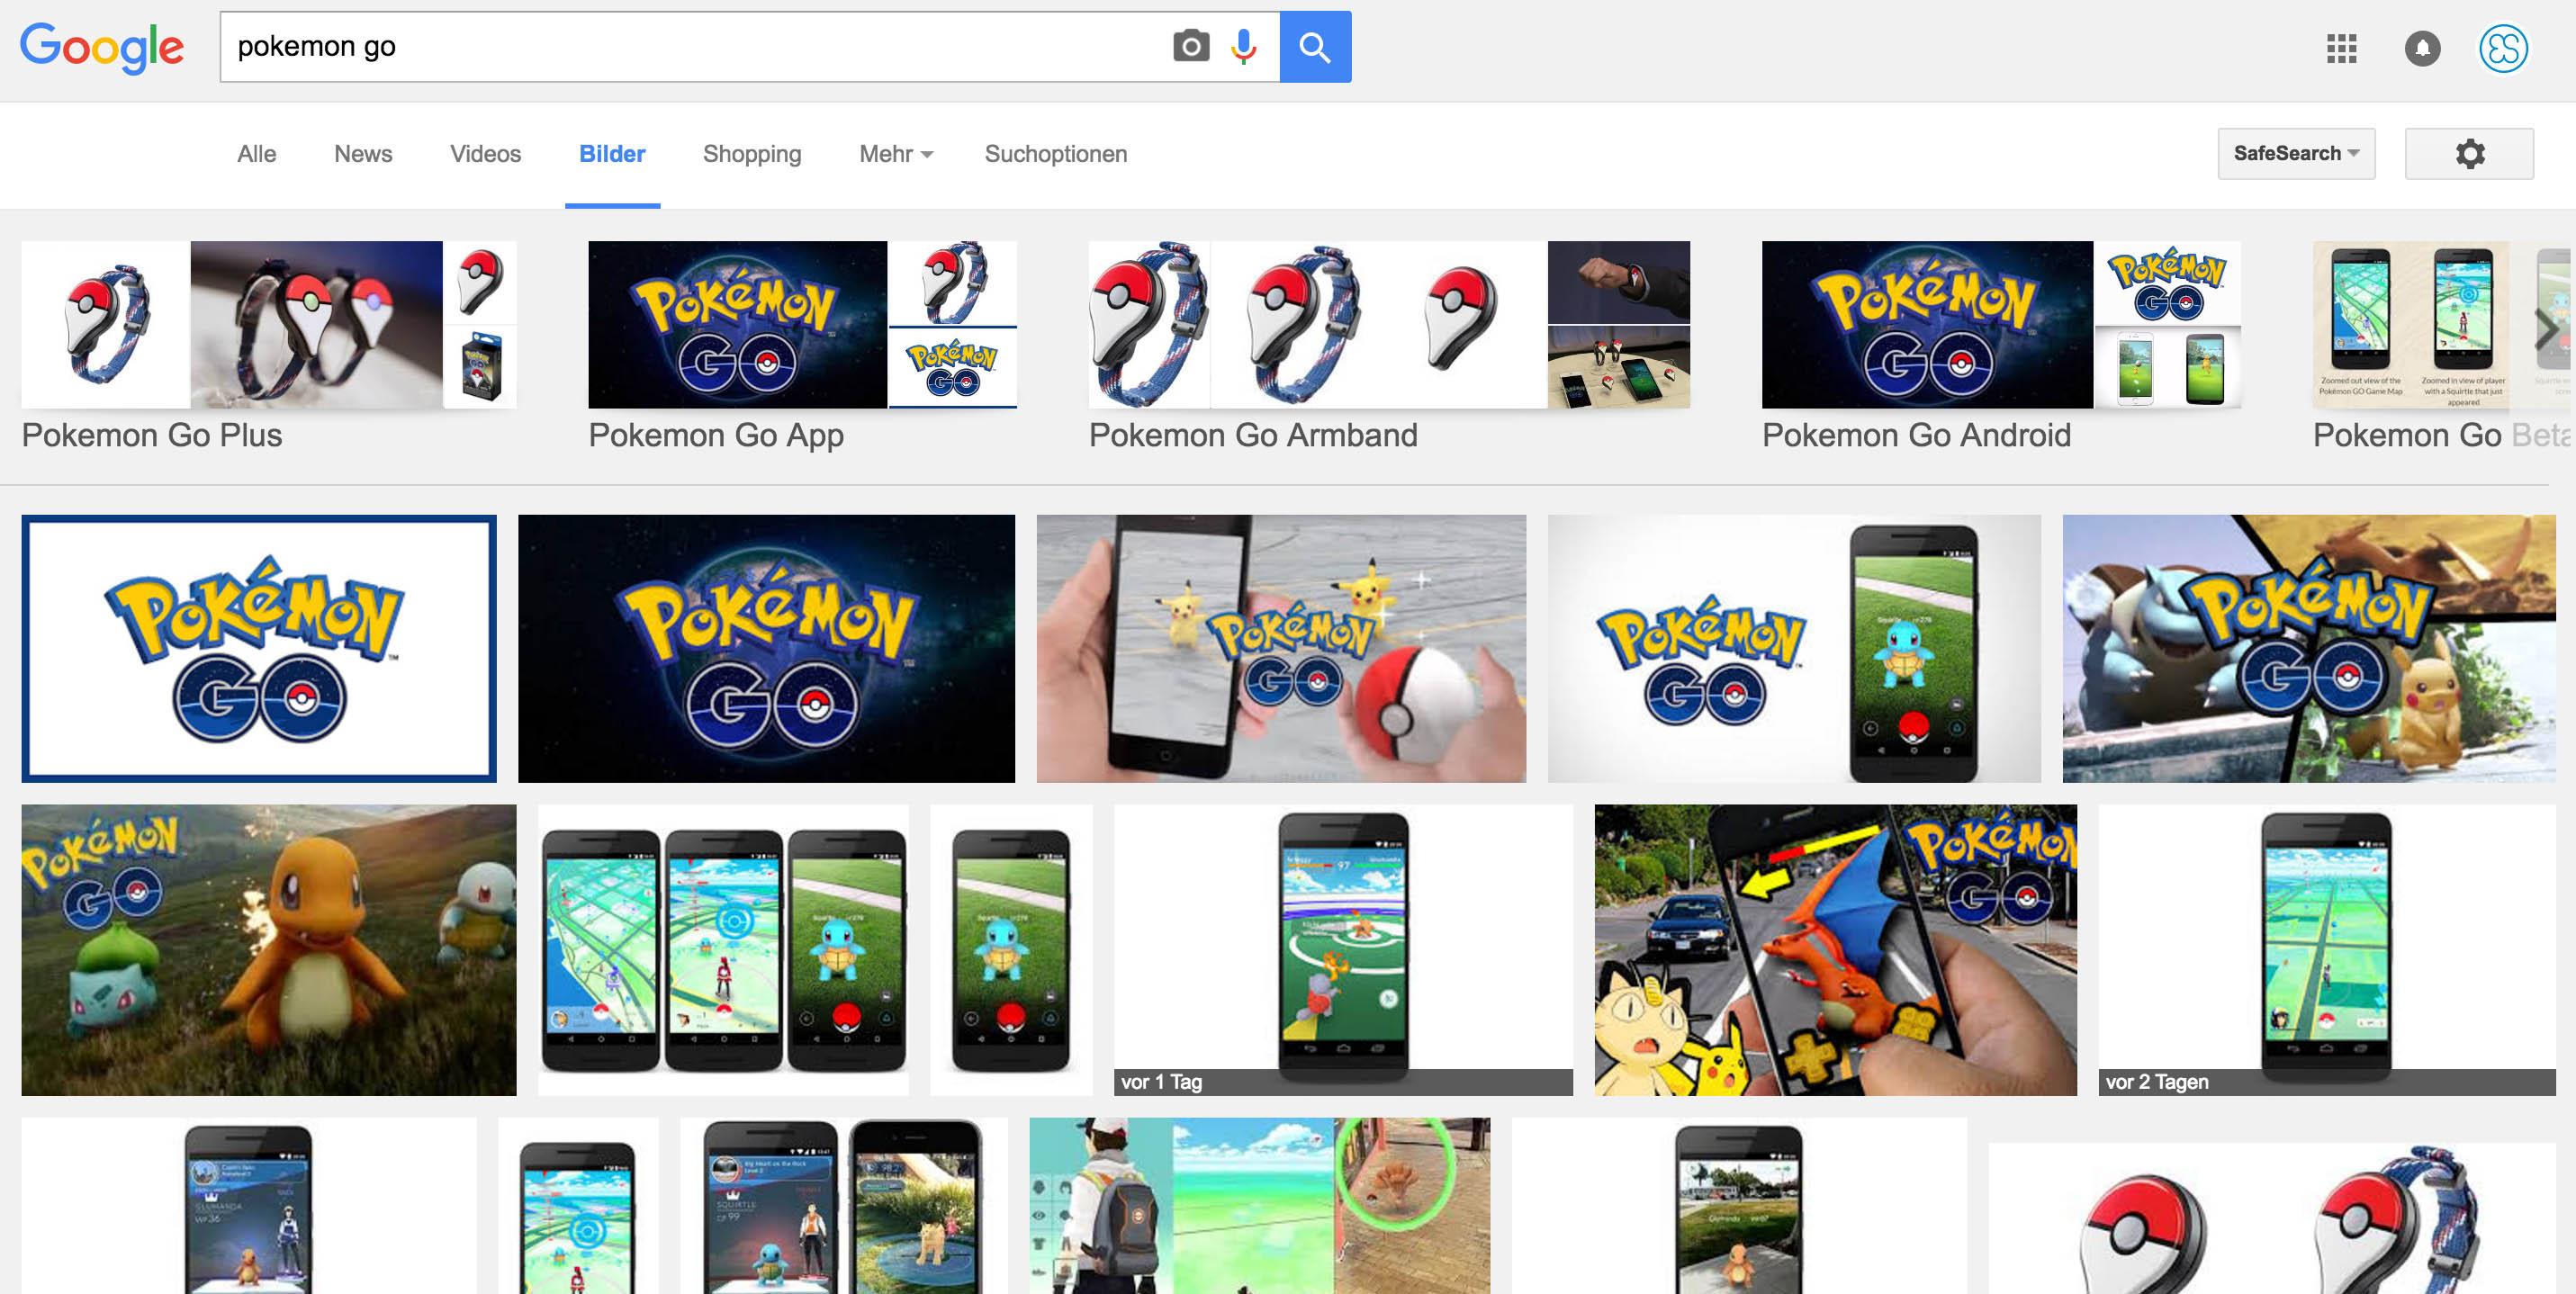 Pokémon Go Suche neu